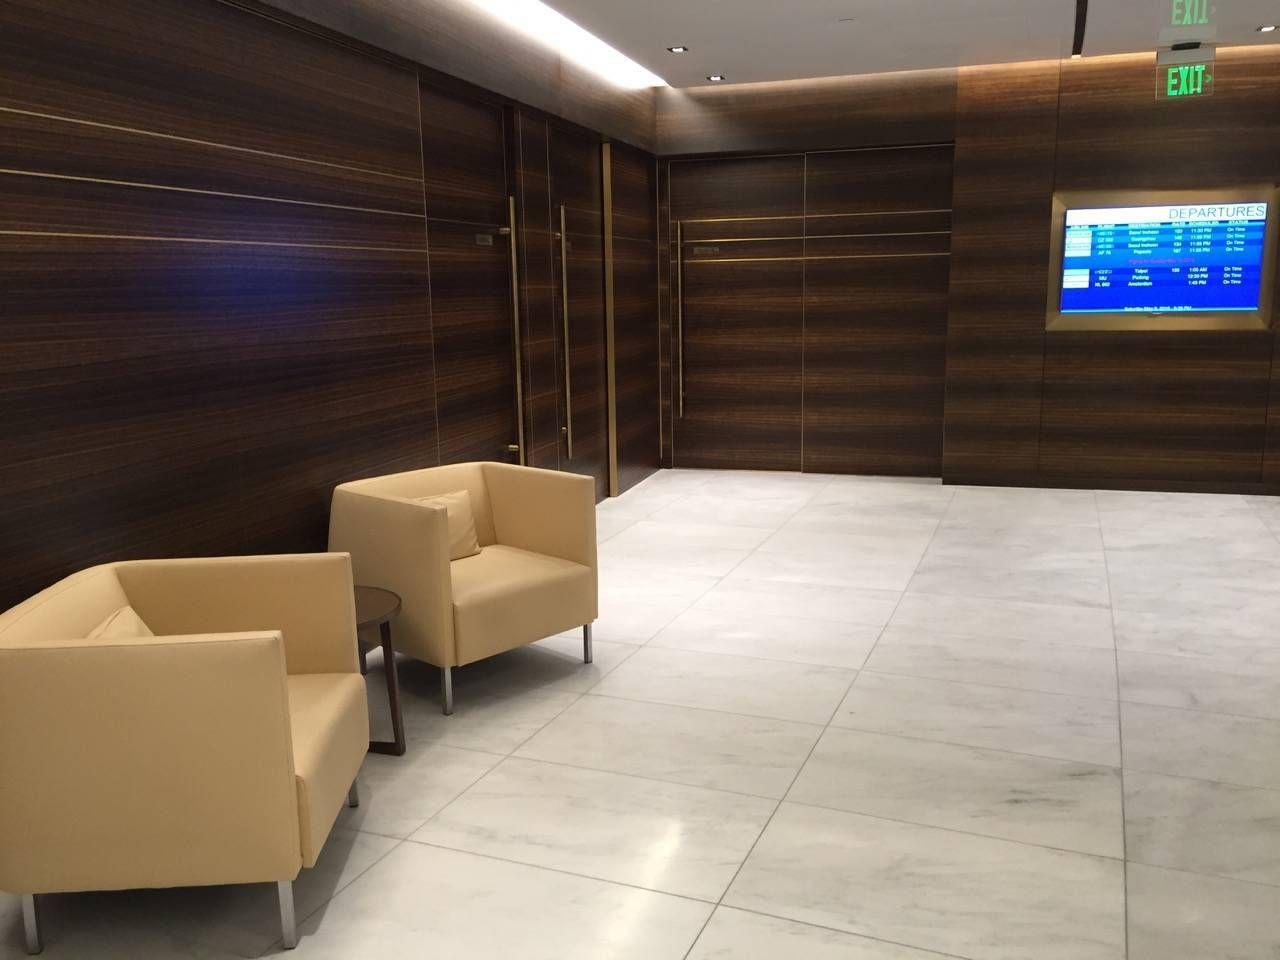 Korean Air First Class Lounge LAX -013